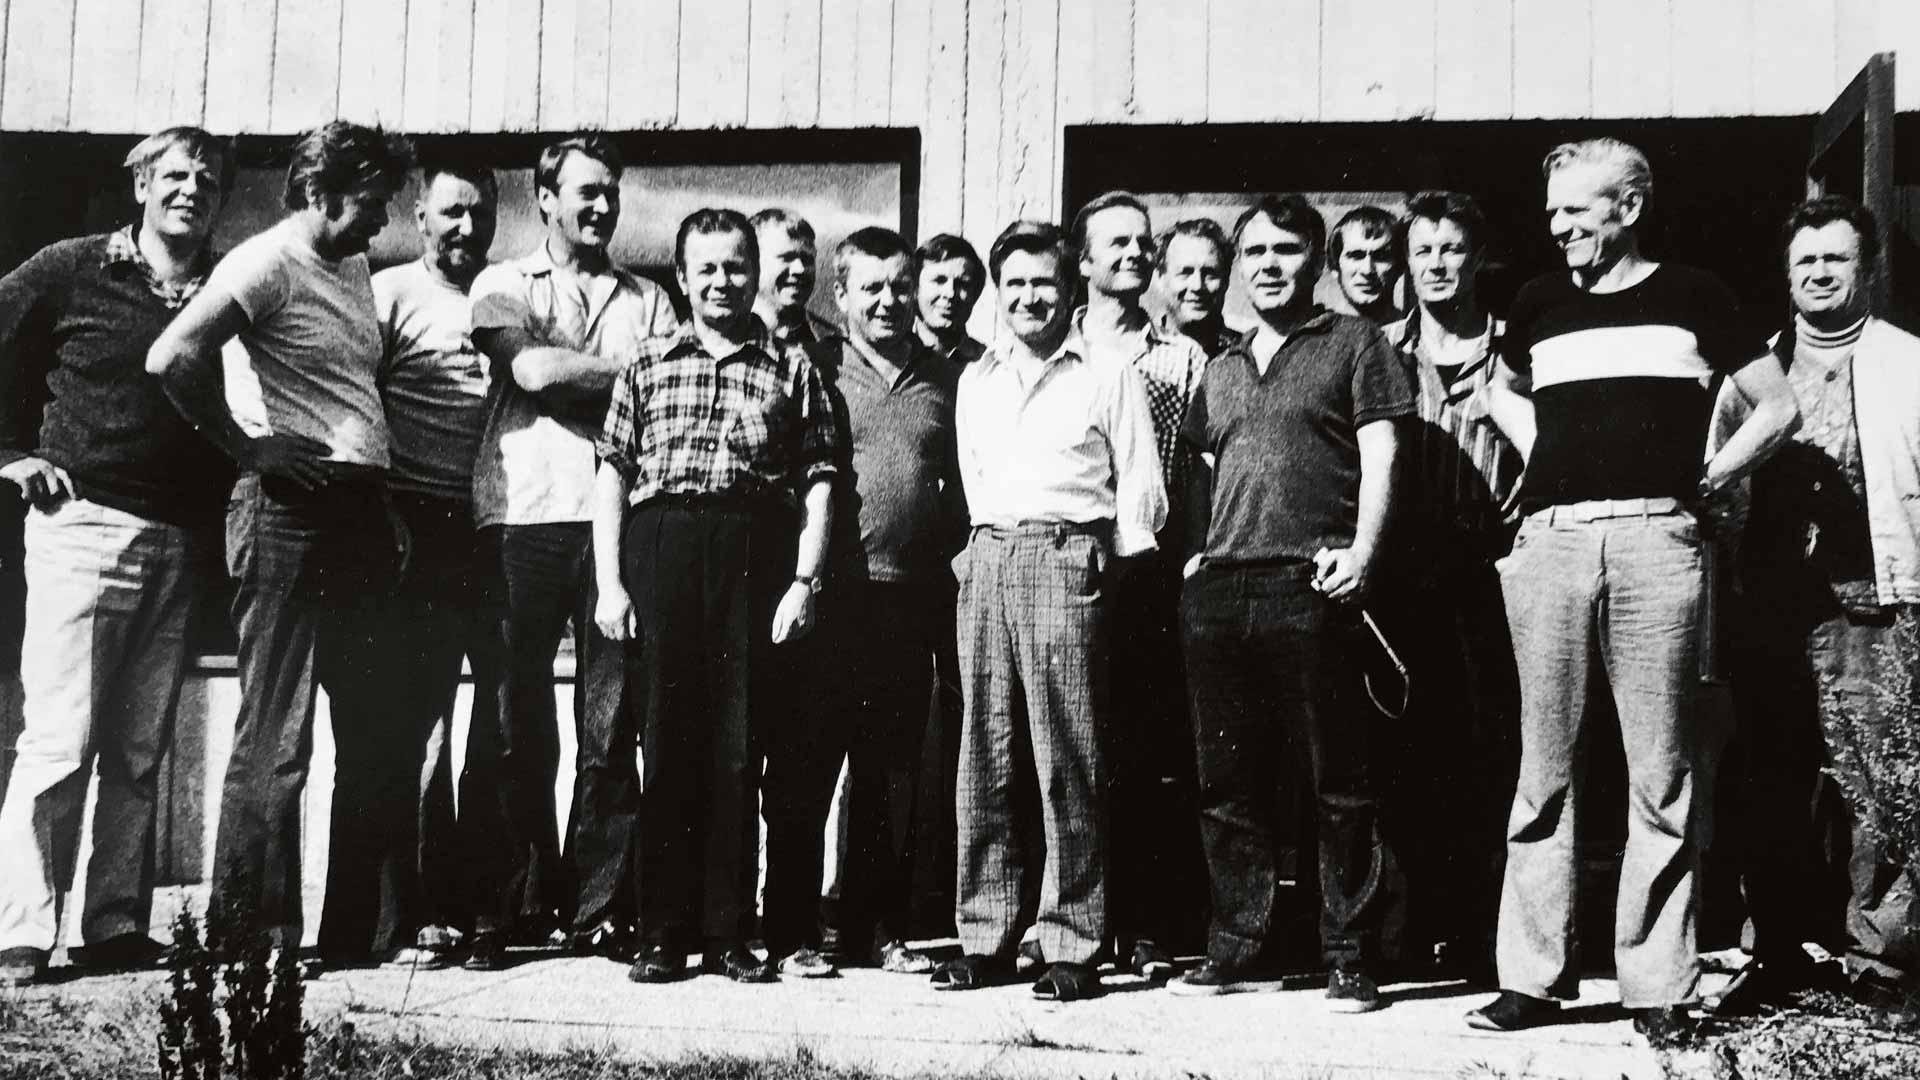 Harmajan luotsiaseman henkilökunta retkellä 1976. Jukka Keto äärimmäisenä vasemmalla ja Ole Sundberg äärimmäisenä oikealla.